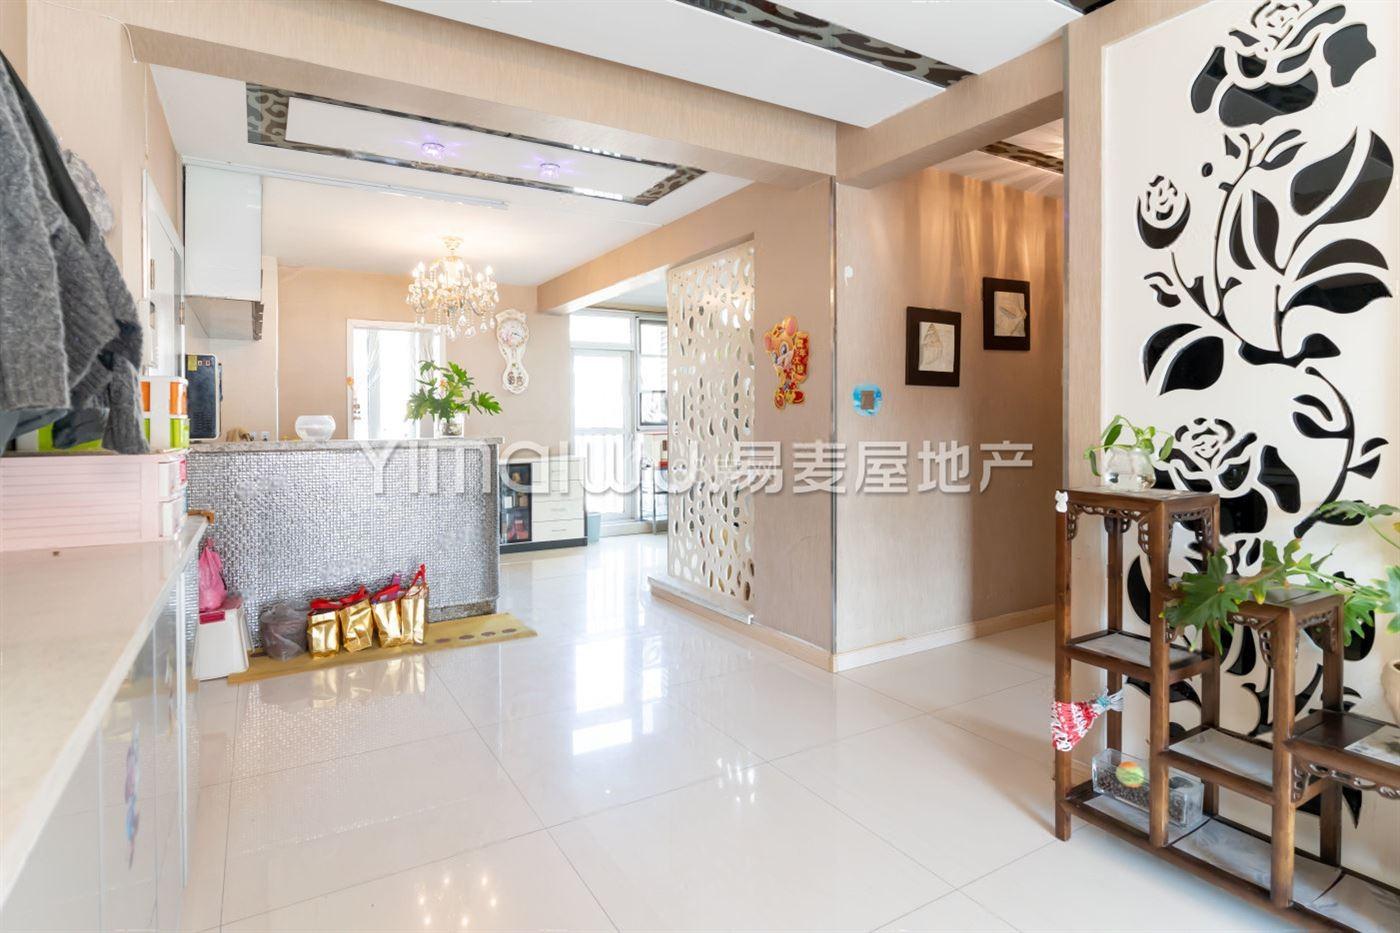 兴庆府大院,精装好房出售,楼层高,学籍可用,楼位居中